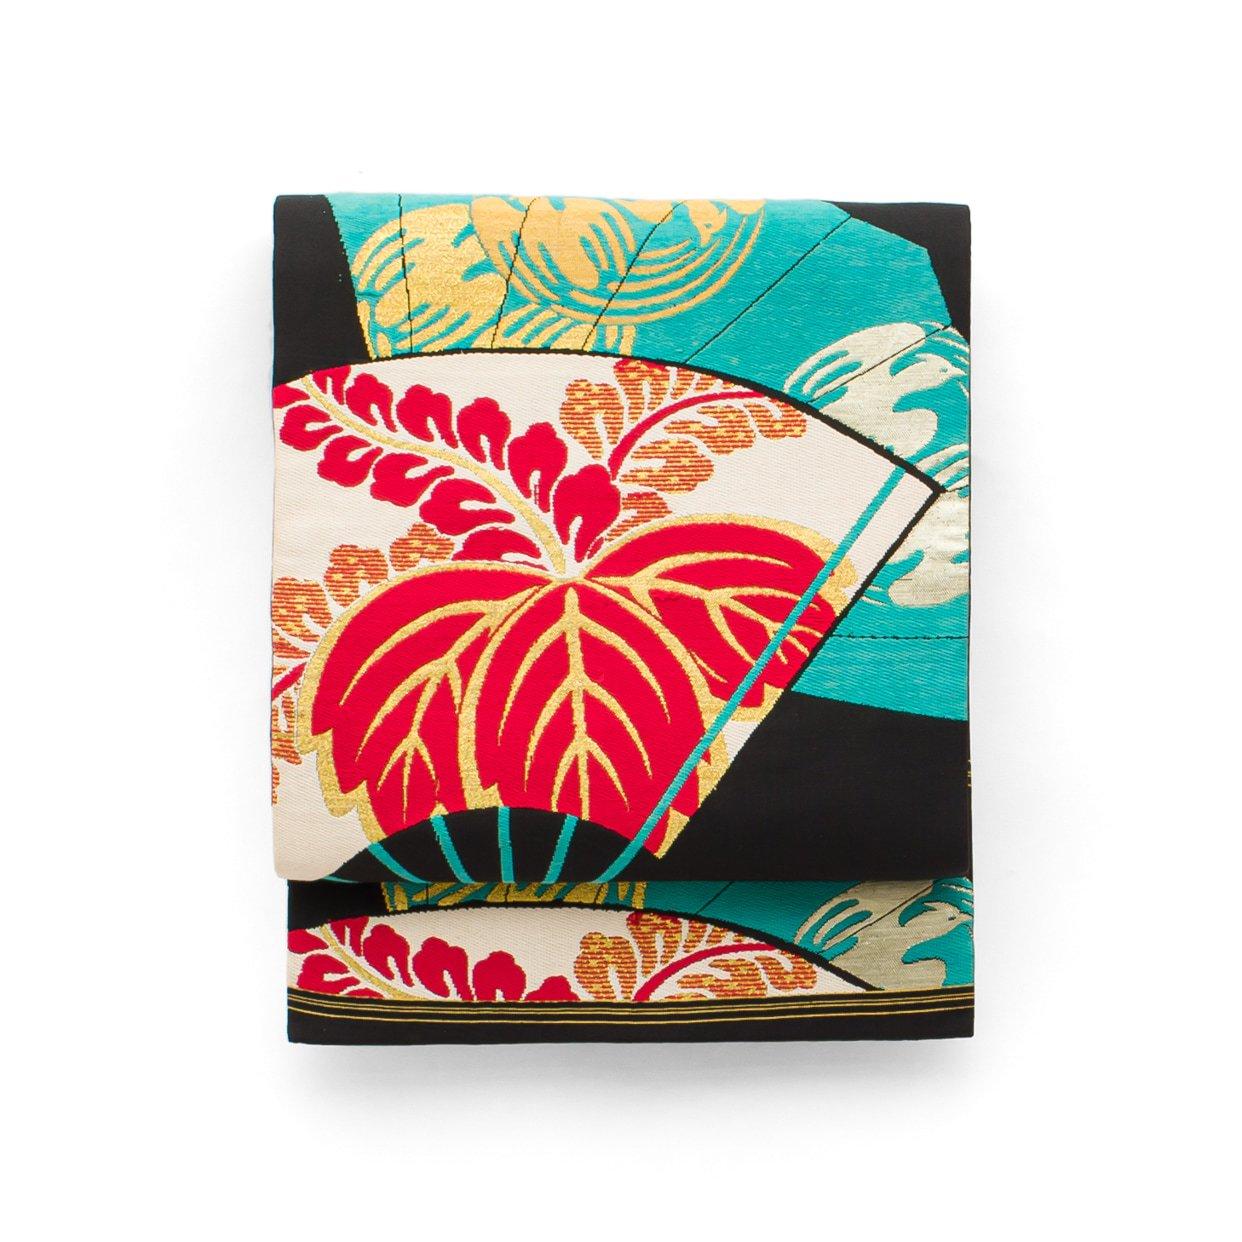 「アンティーク着物 扇に桐」の商品画像